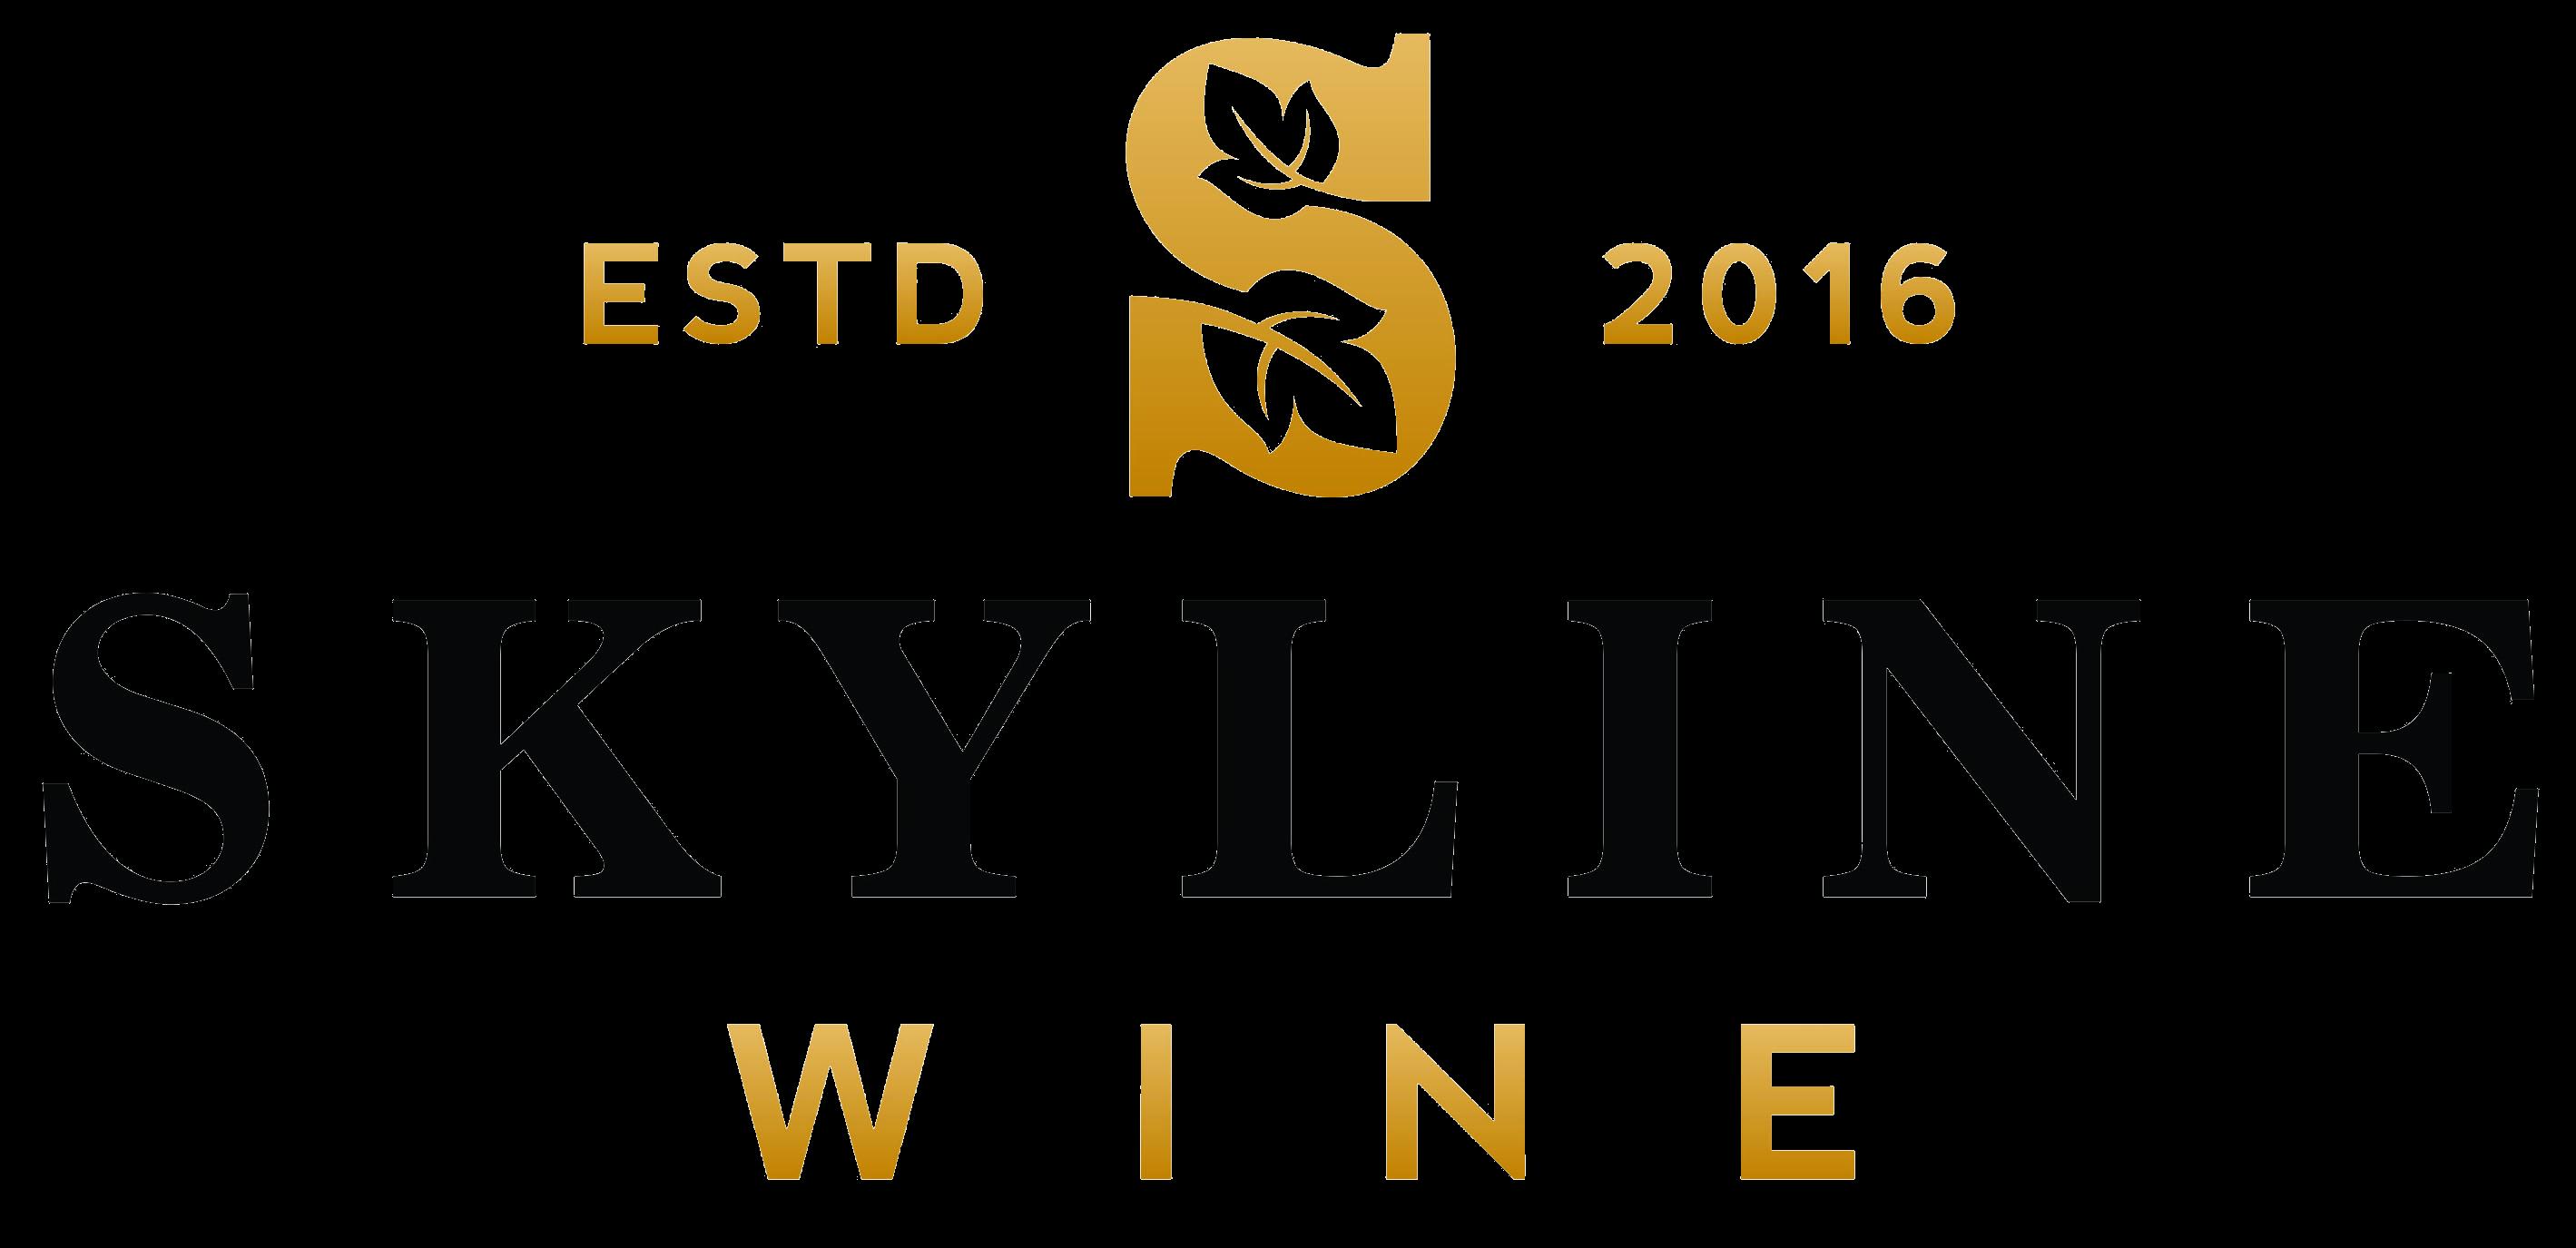 SKYLINE WINE